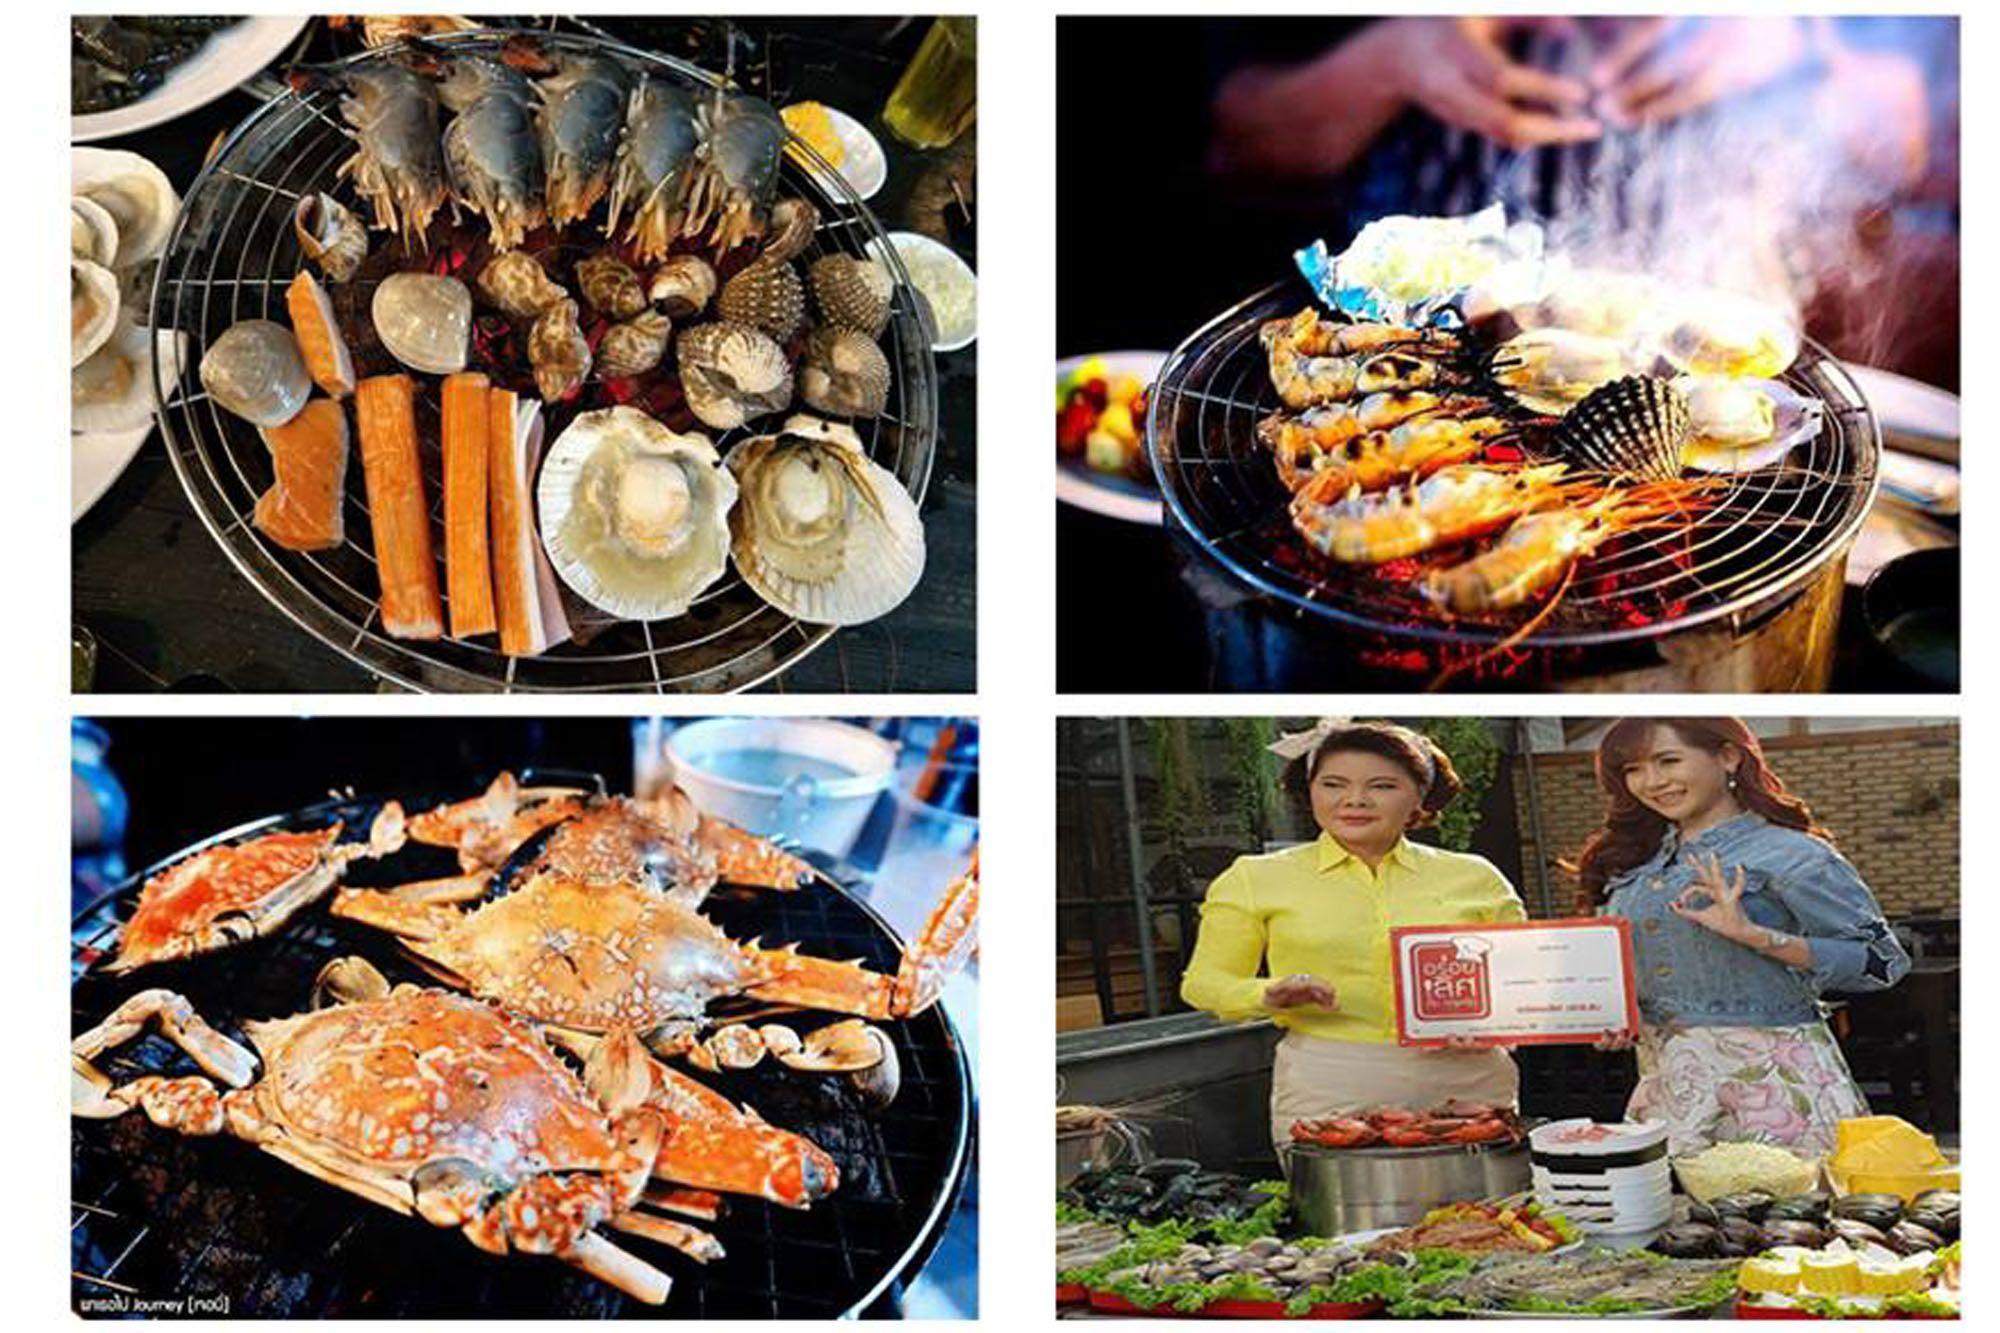 曼谷Taikong流水蝦海鮮餐廳多種海鮮選擇,還可現撈泰國蝦。